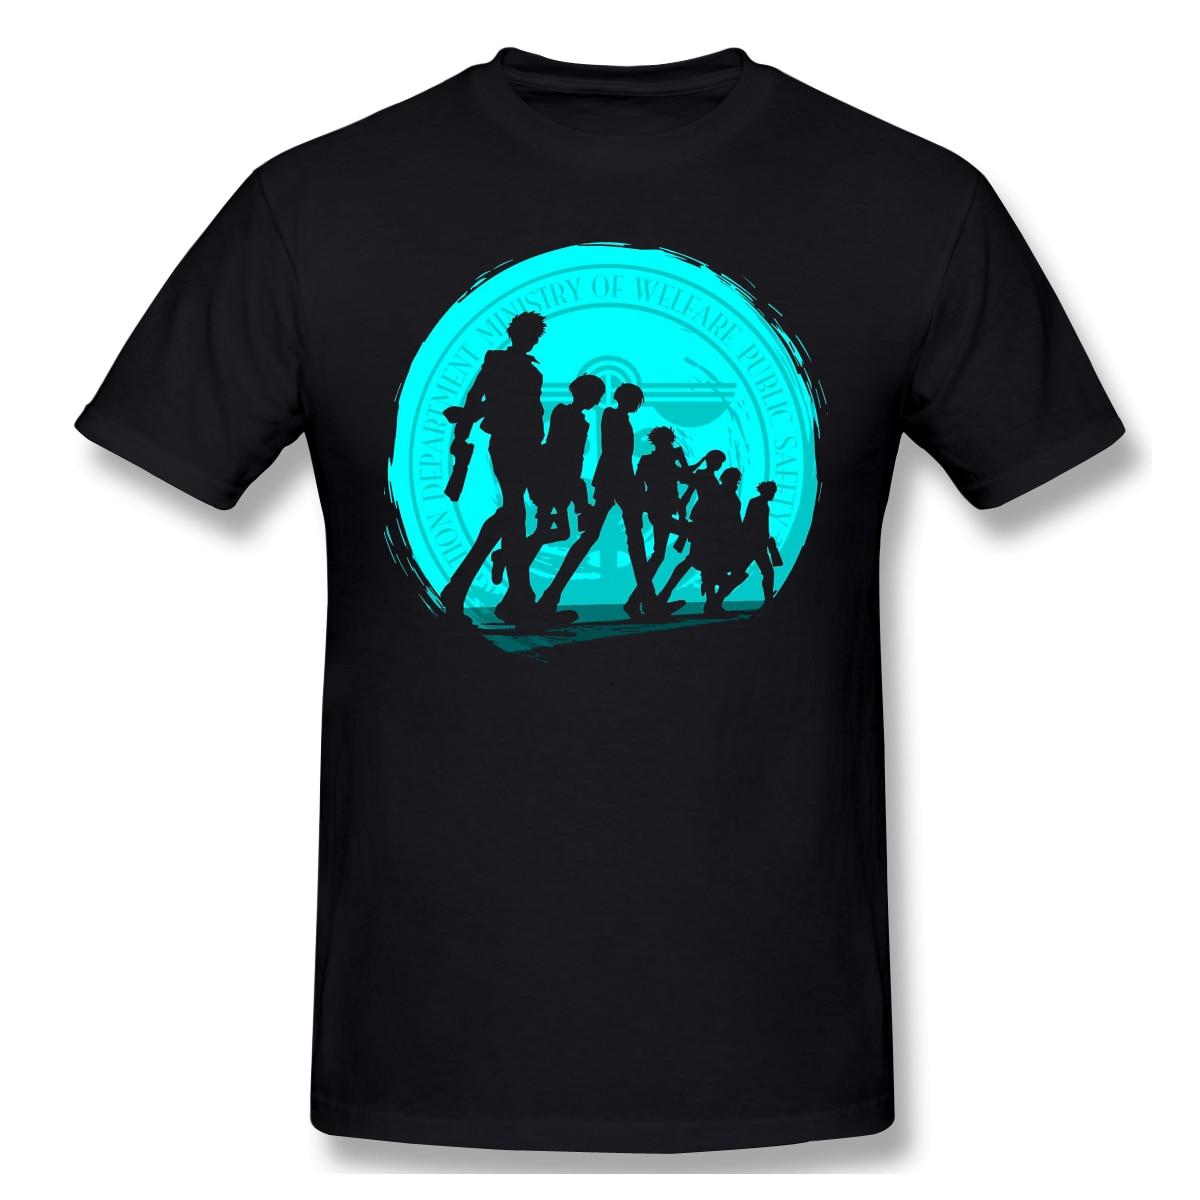 Psycho Pass estampado de moda de algodón divertidas camisetas Psycho-Pass ropa de calle de moda para hombre